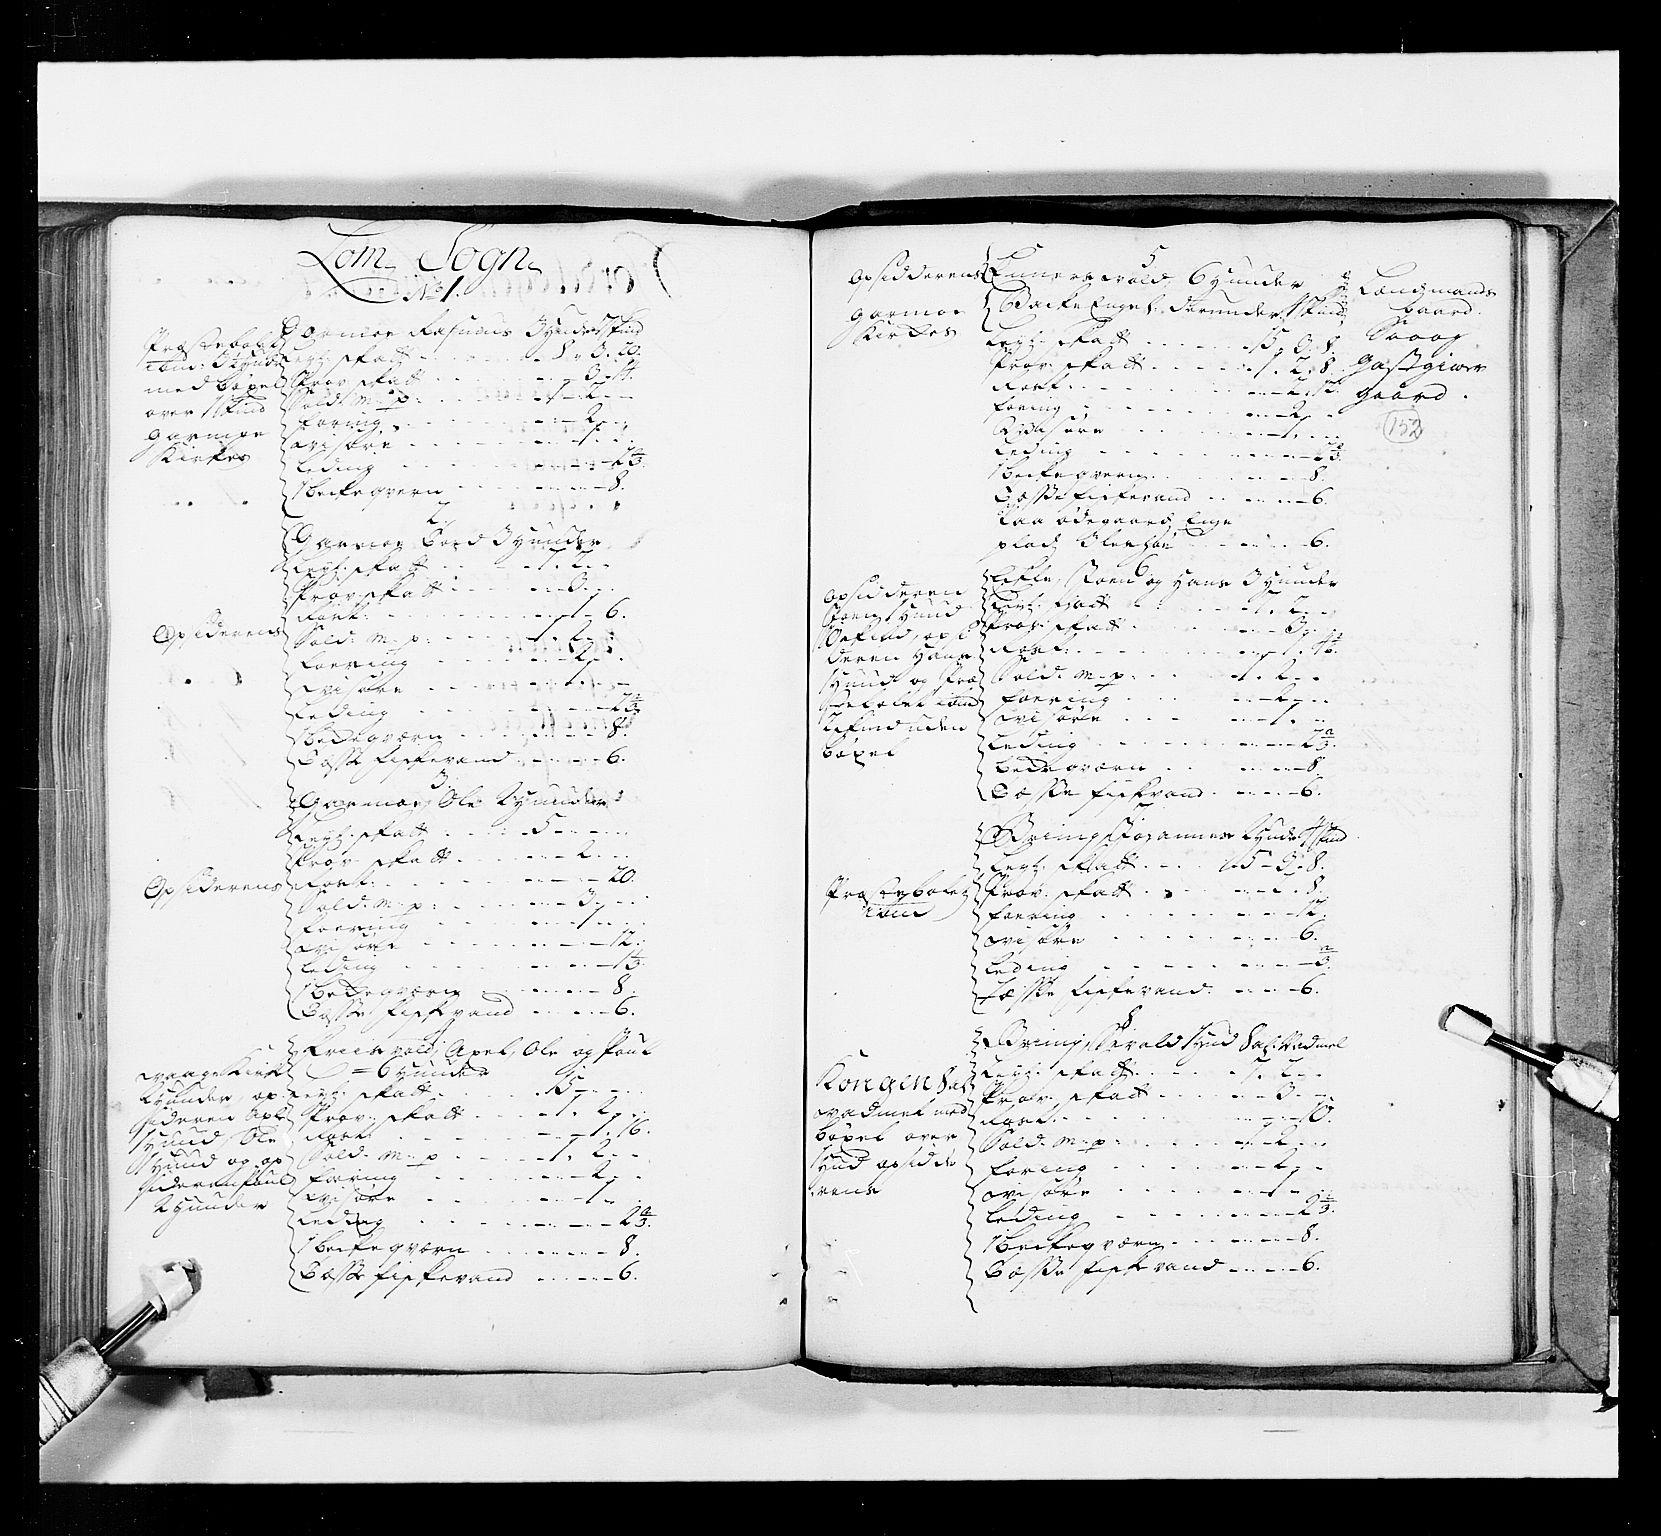 RA, Stattholderembetet 1572-1771, Ek/L0036: Jordebøker 1662-1720:, 1719, s. 151b-152a